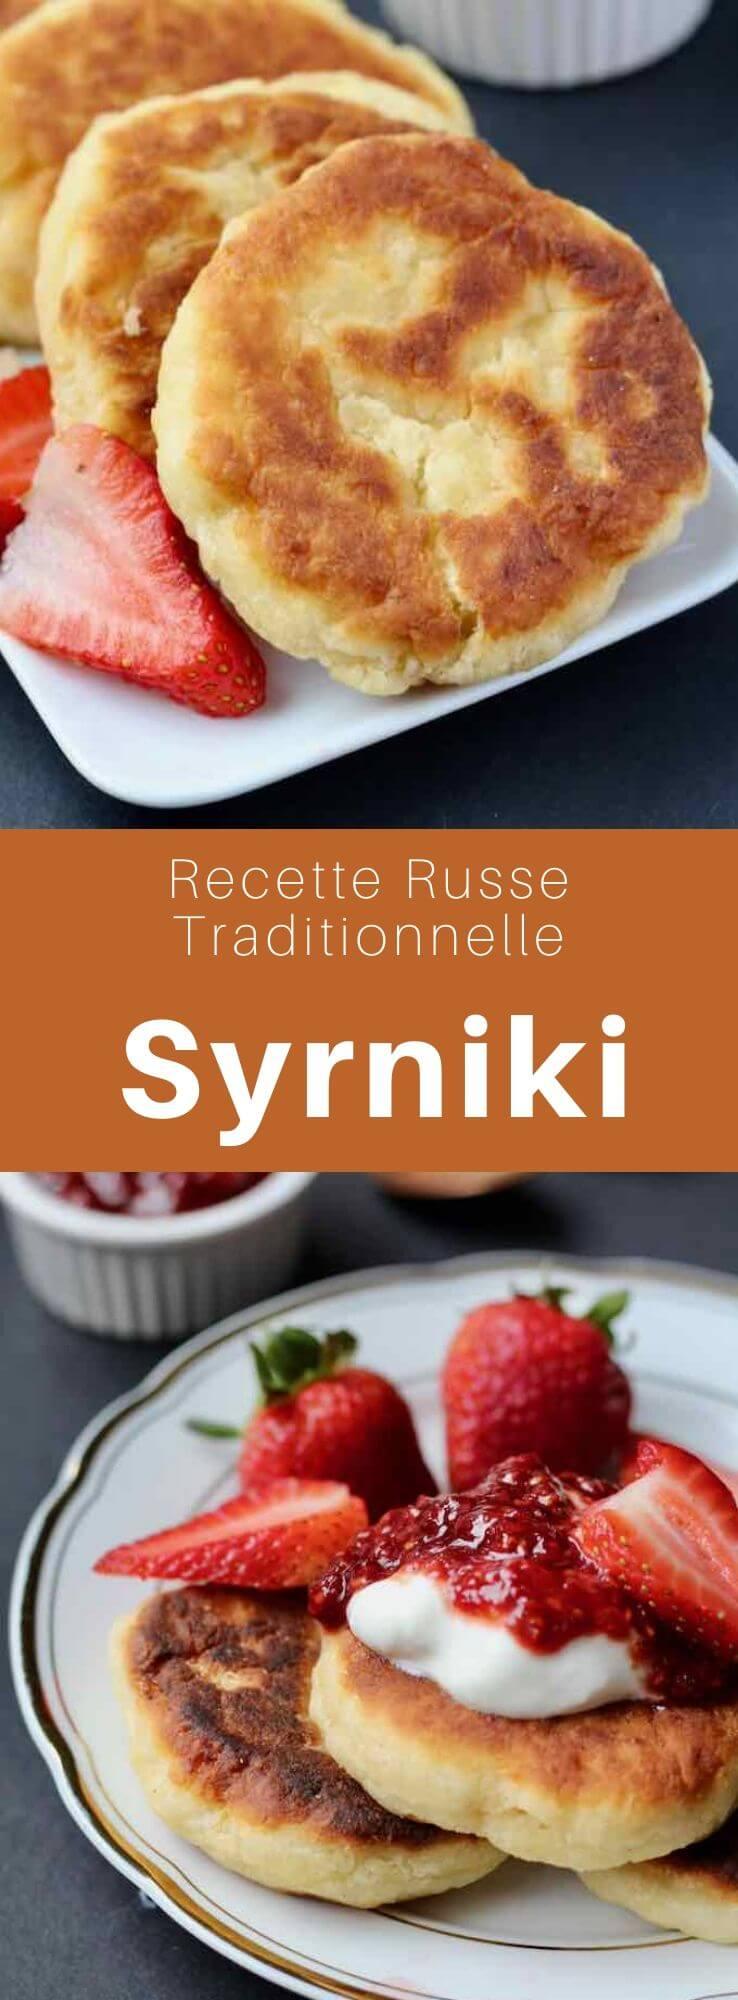 Les syrniki (сырники) ou tvorozhniki (творо́жники) sont des beignets de tvarog (Творо́г) ou fromage cottage (quark) d'origine russe, très populaires en Europe de l'Est. #Ukraine #RecetteUkrainienne #CuisineUkrainienne #Russie #RecetteRusse #CuisineRusse #CuisineDuMonde #196flavors